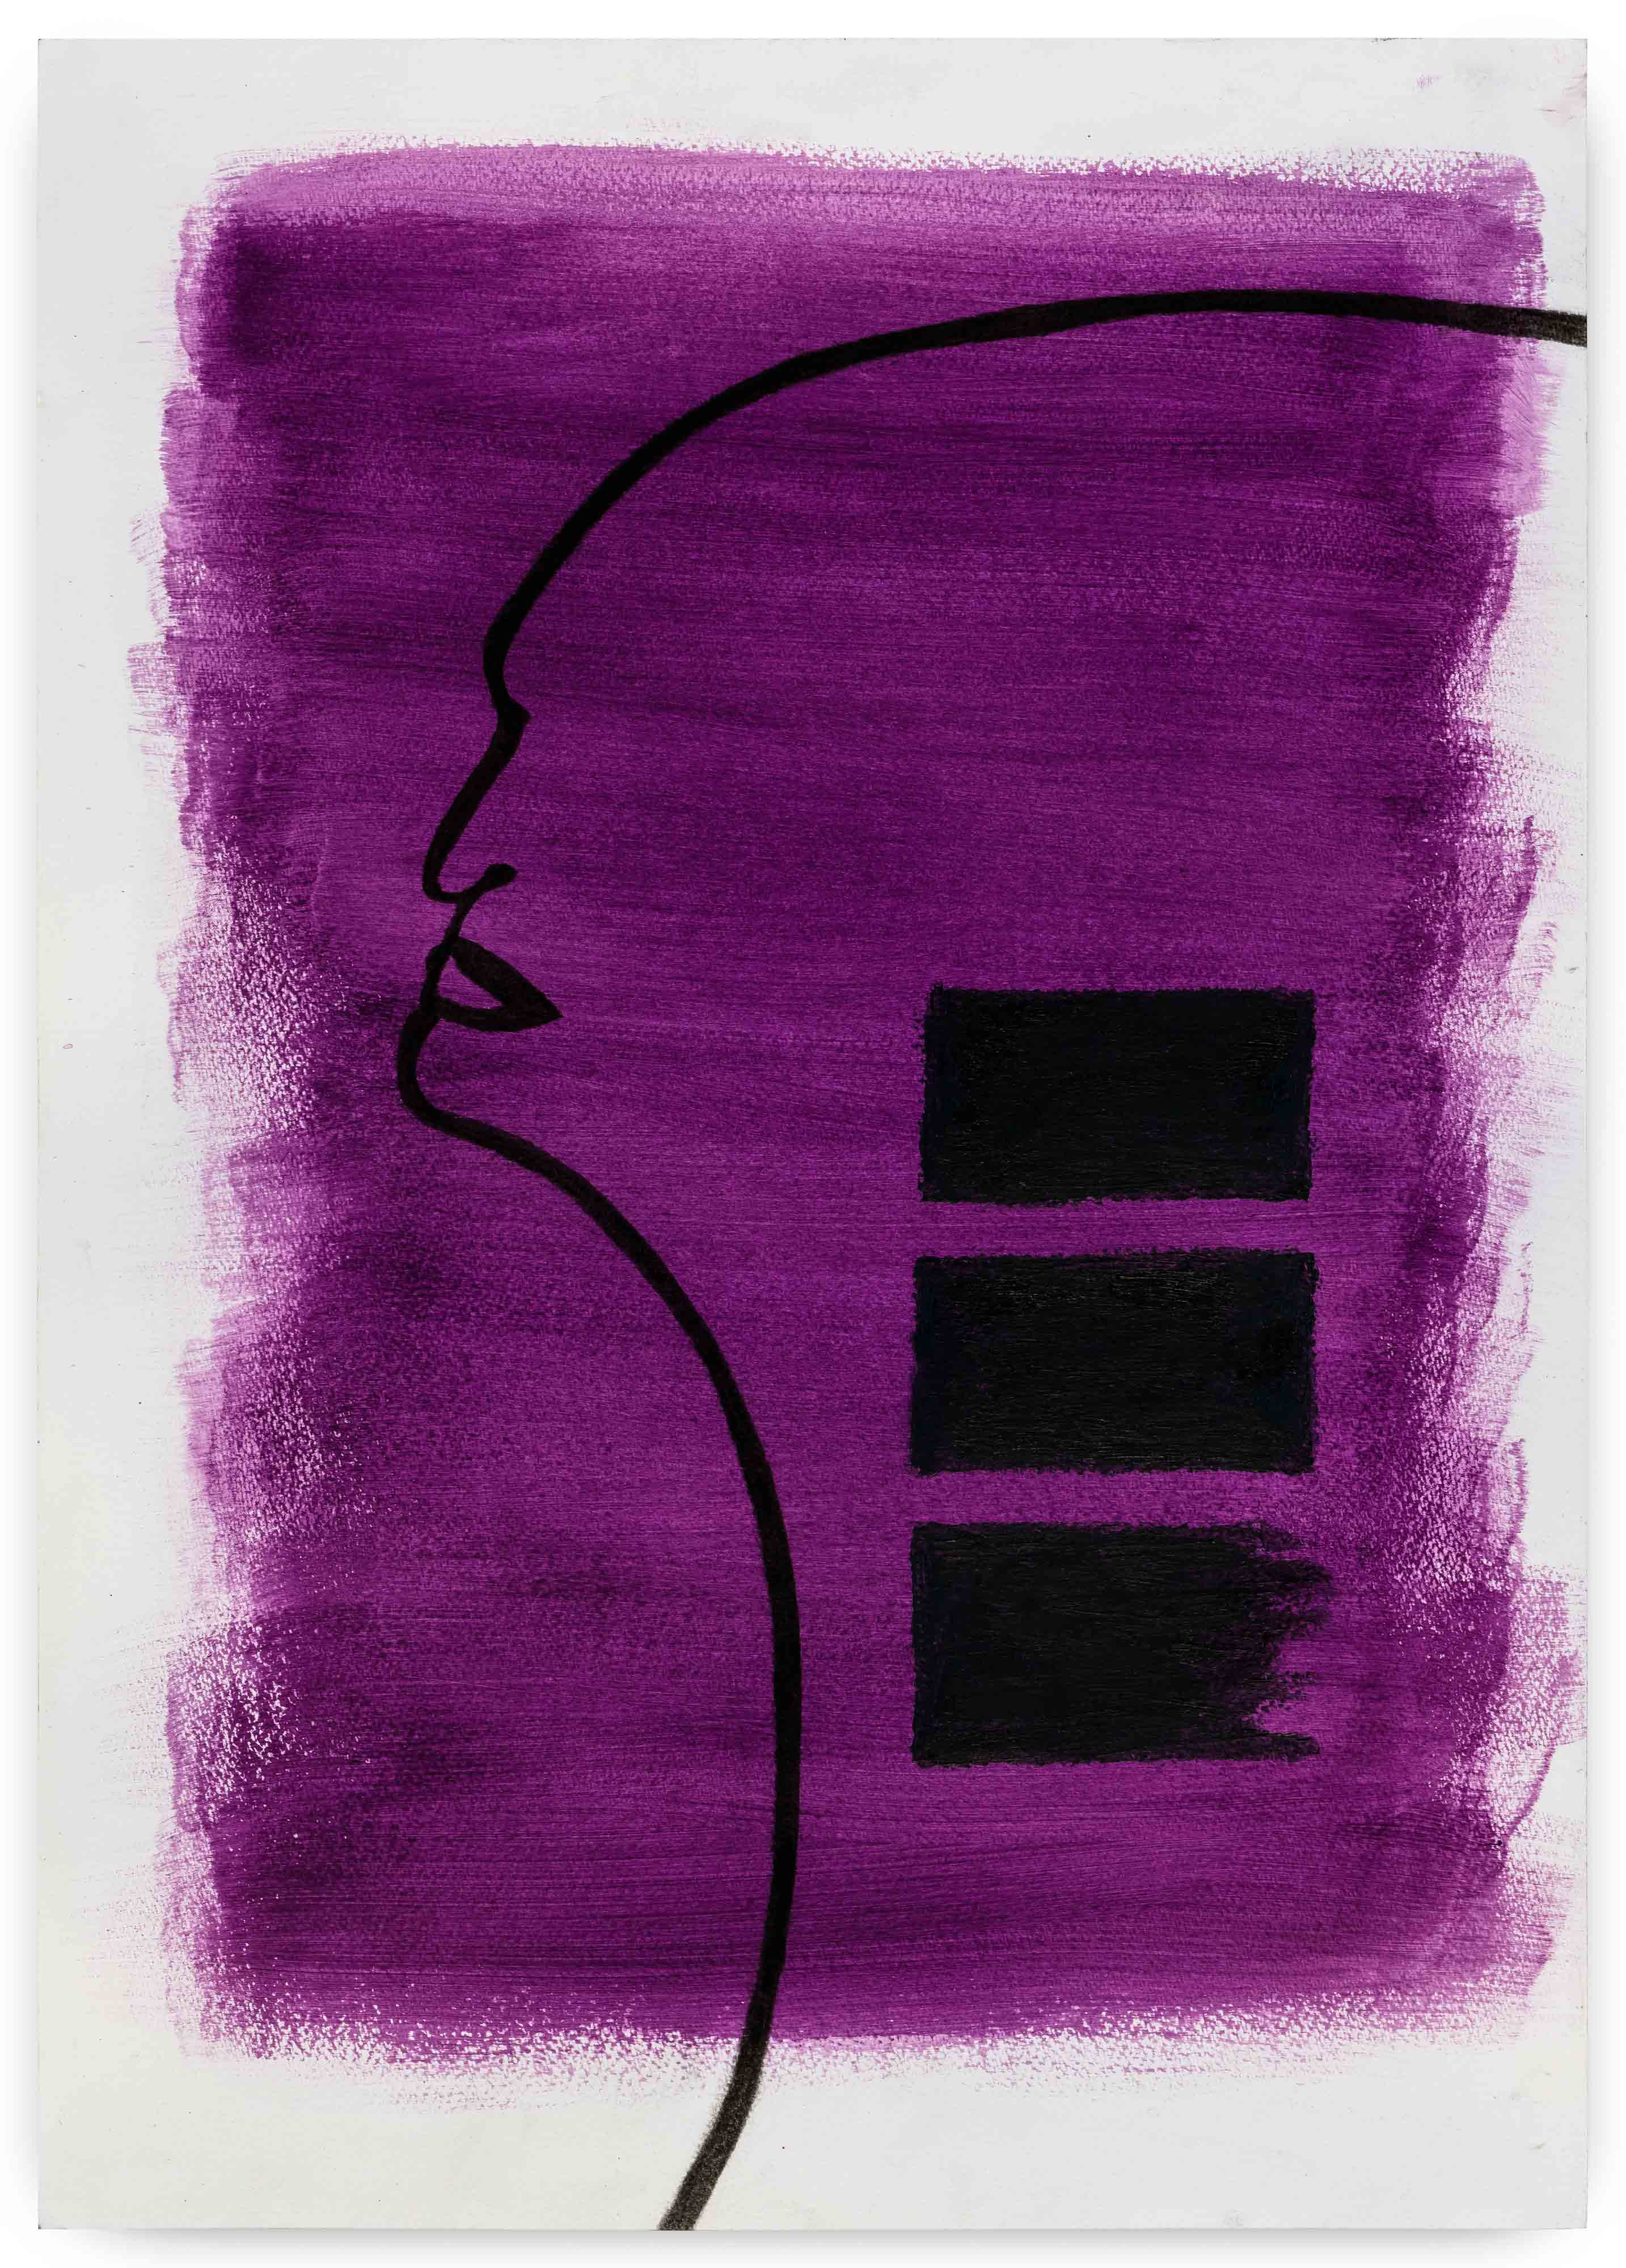 série: Seresbrasileiros seressureais Alessandra 2017 carvão e bastão a óleo sobre acrílica em papel 59,5 x 41,5 cm